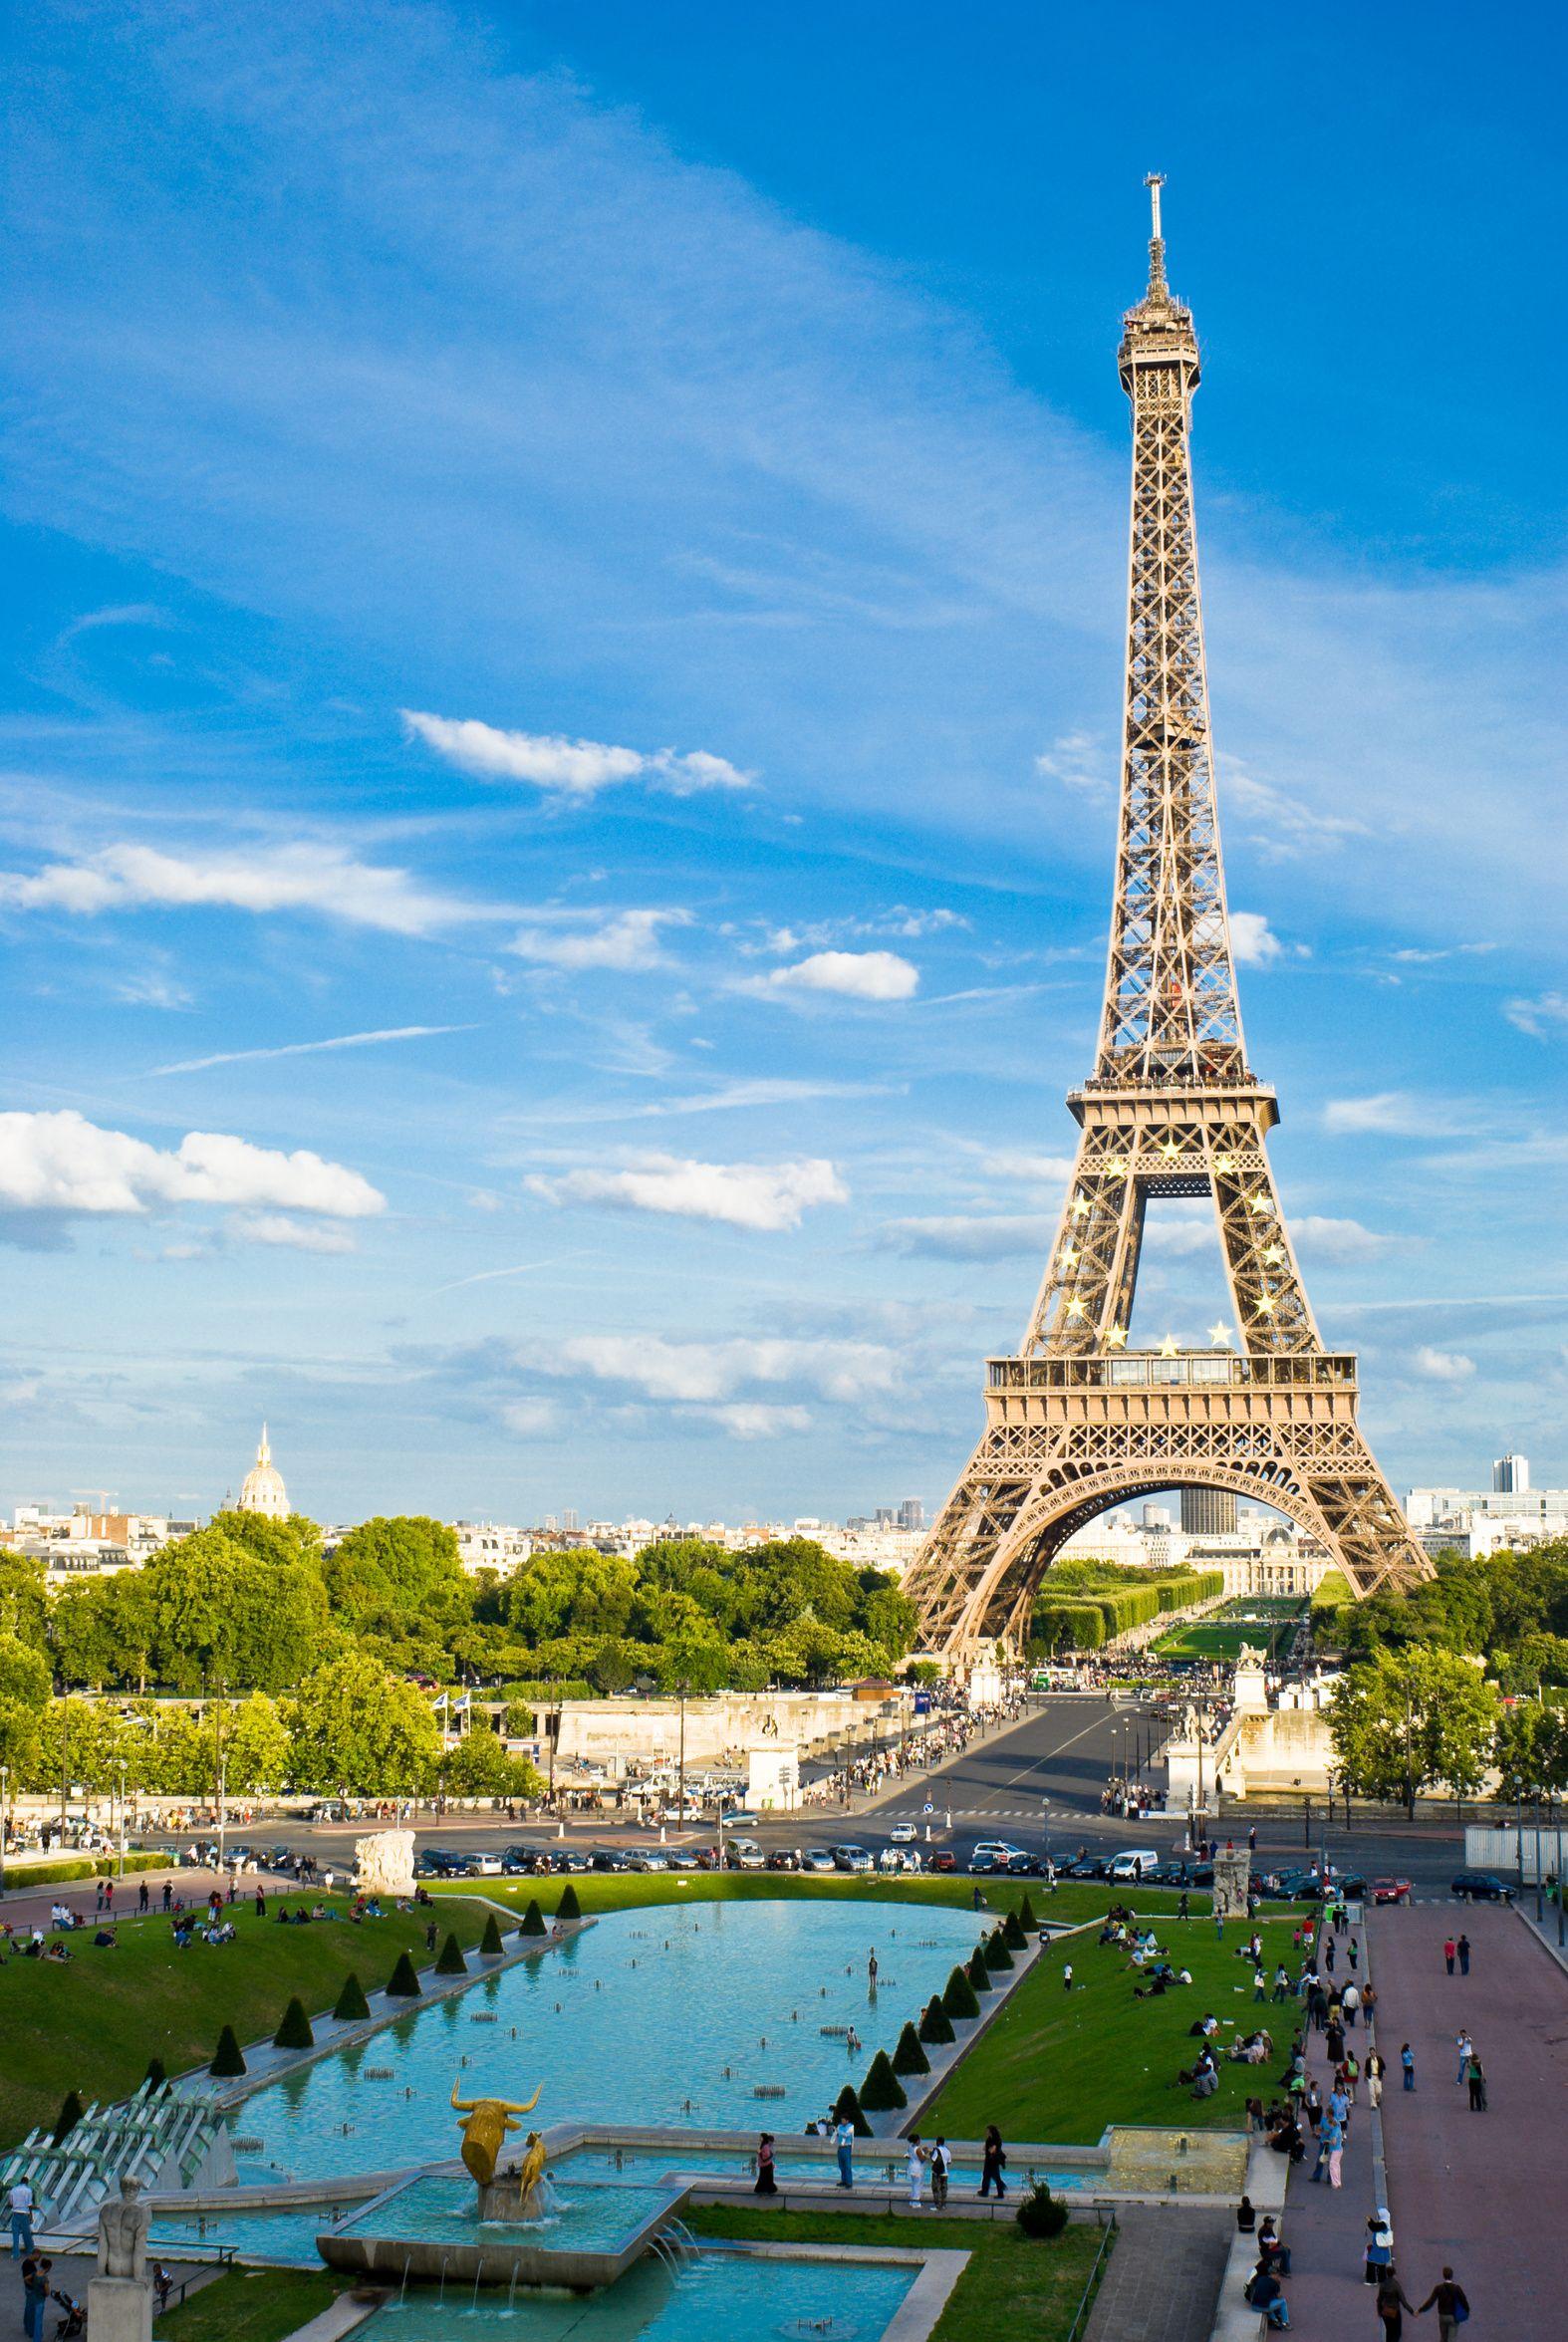 E' tempo di weekend fuori porta, scegli Parigi e vola